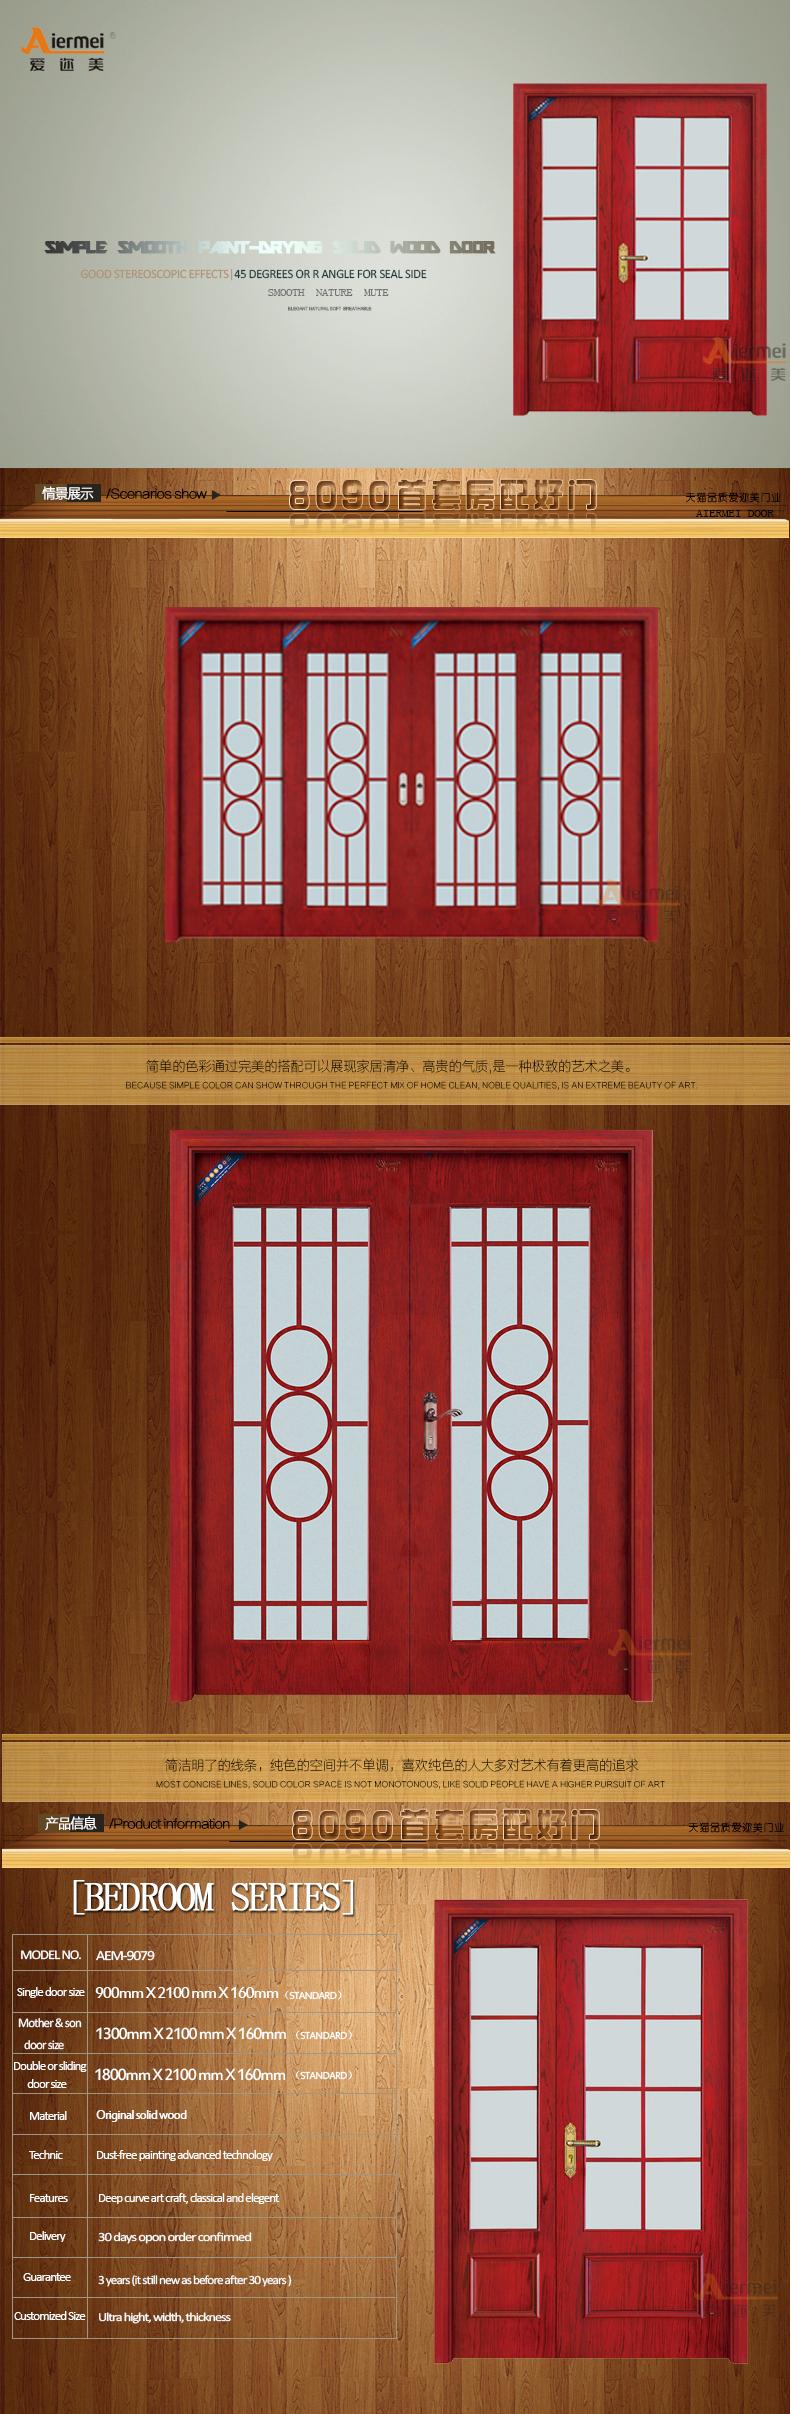 in gal bois double balan oire salon int rieur givr porte en verre portes id de produit. Black Bedroom Furniture Sets. Home Design Ideas